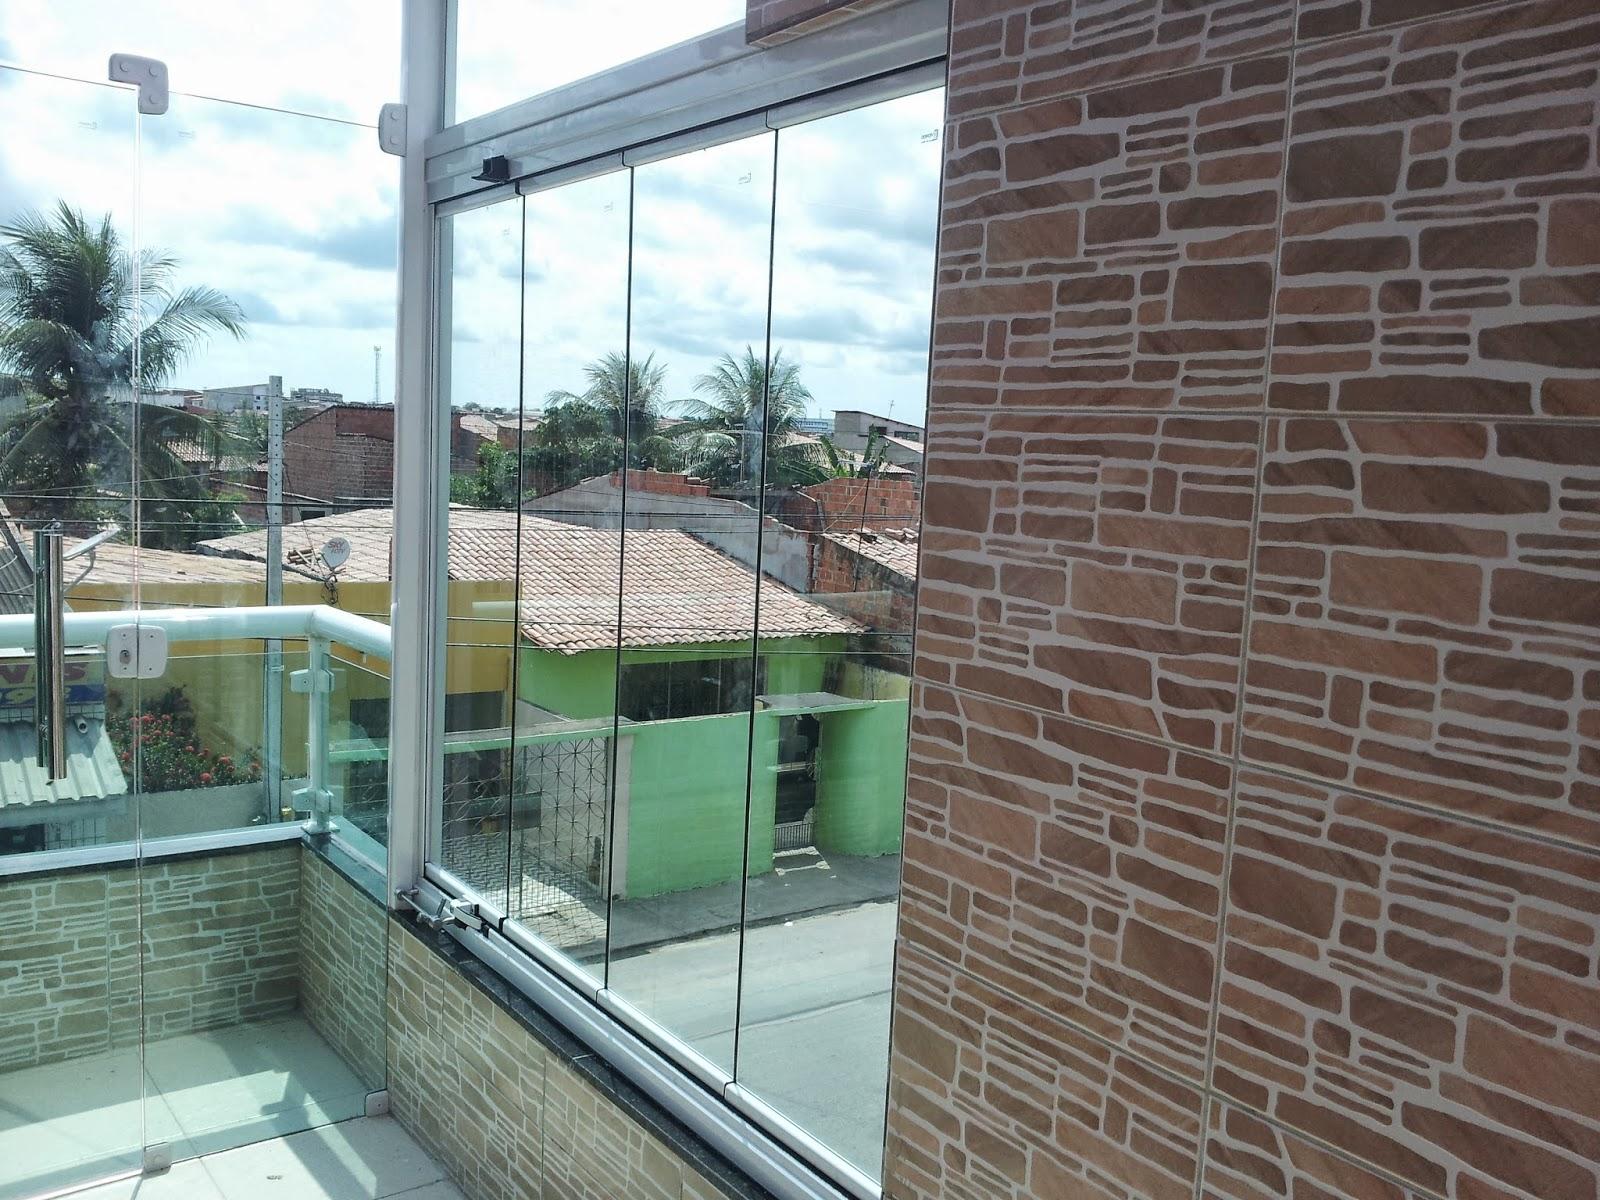 #468185 Criativo Vidraçaria: Cortina de vidro em Fortaleza 414 Janelas De Vidros Em Fortaleza